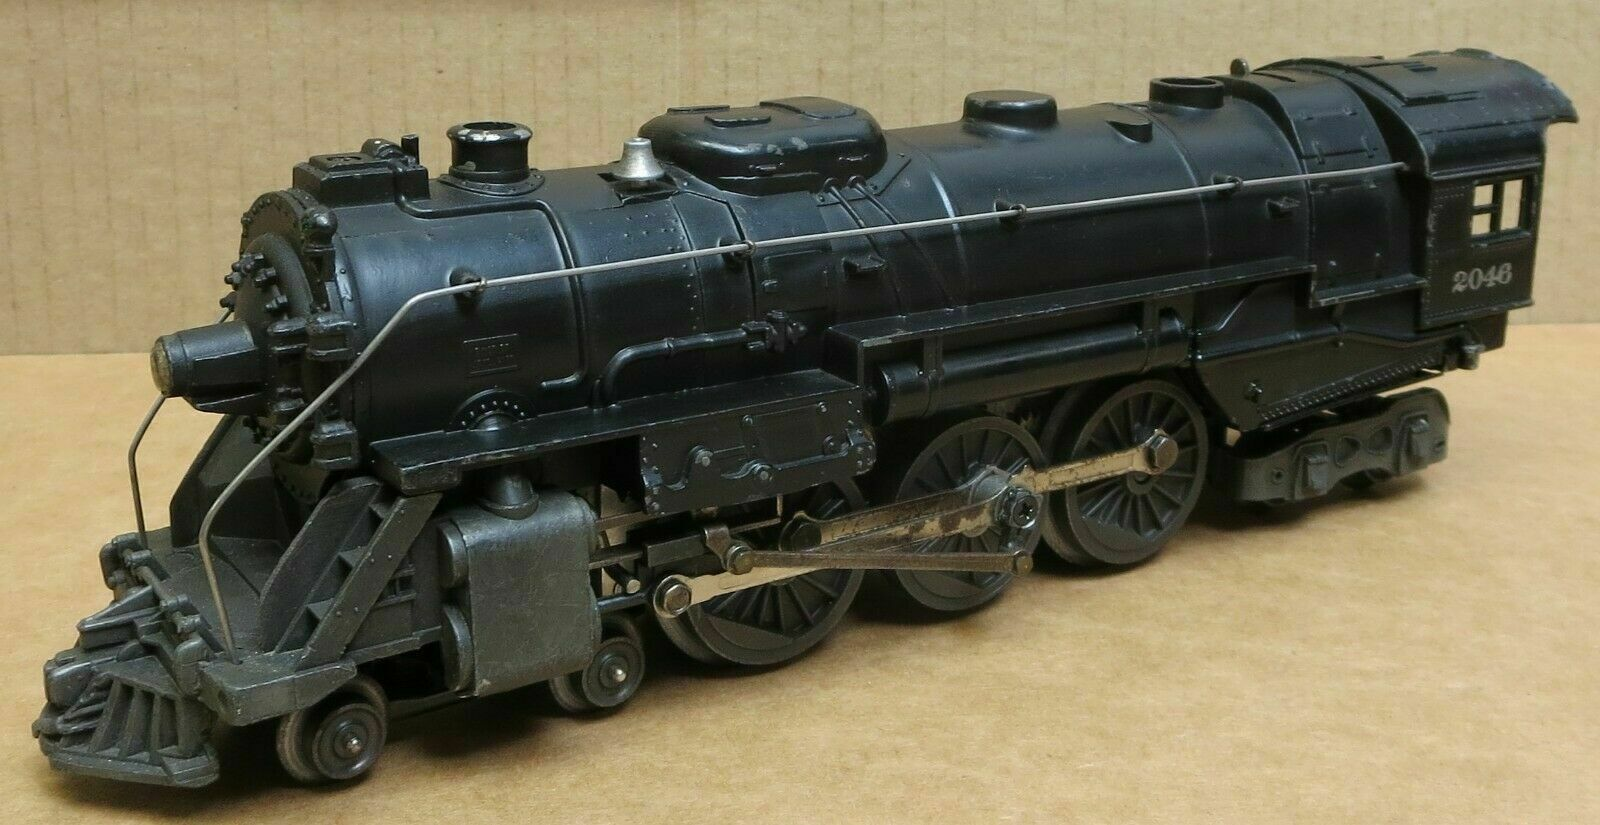 Lionel 2046 Steam Locomotive & 2046w Tender